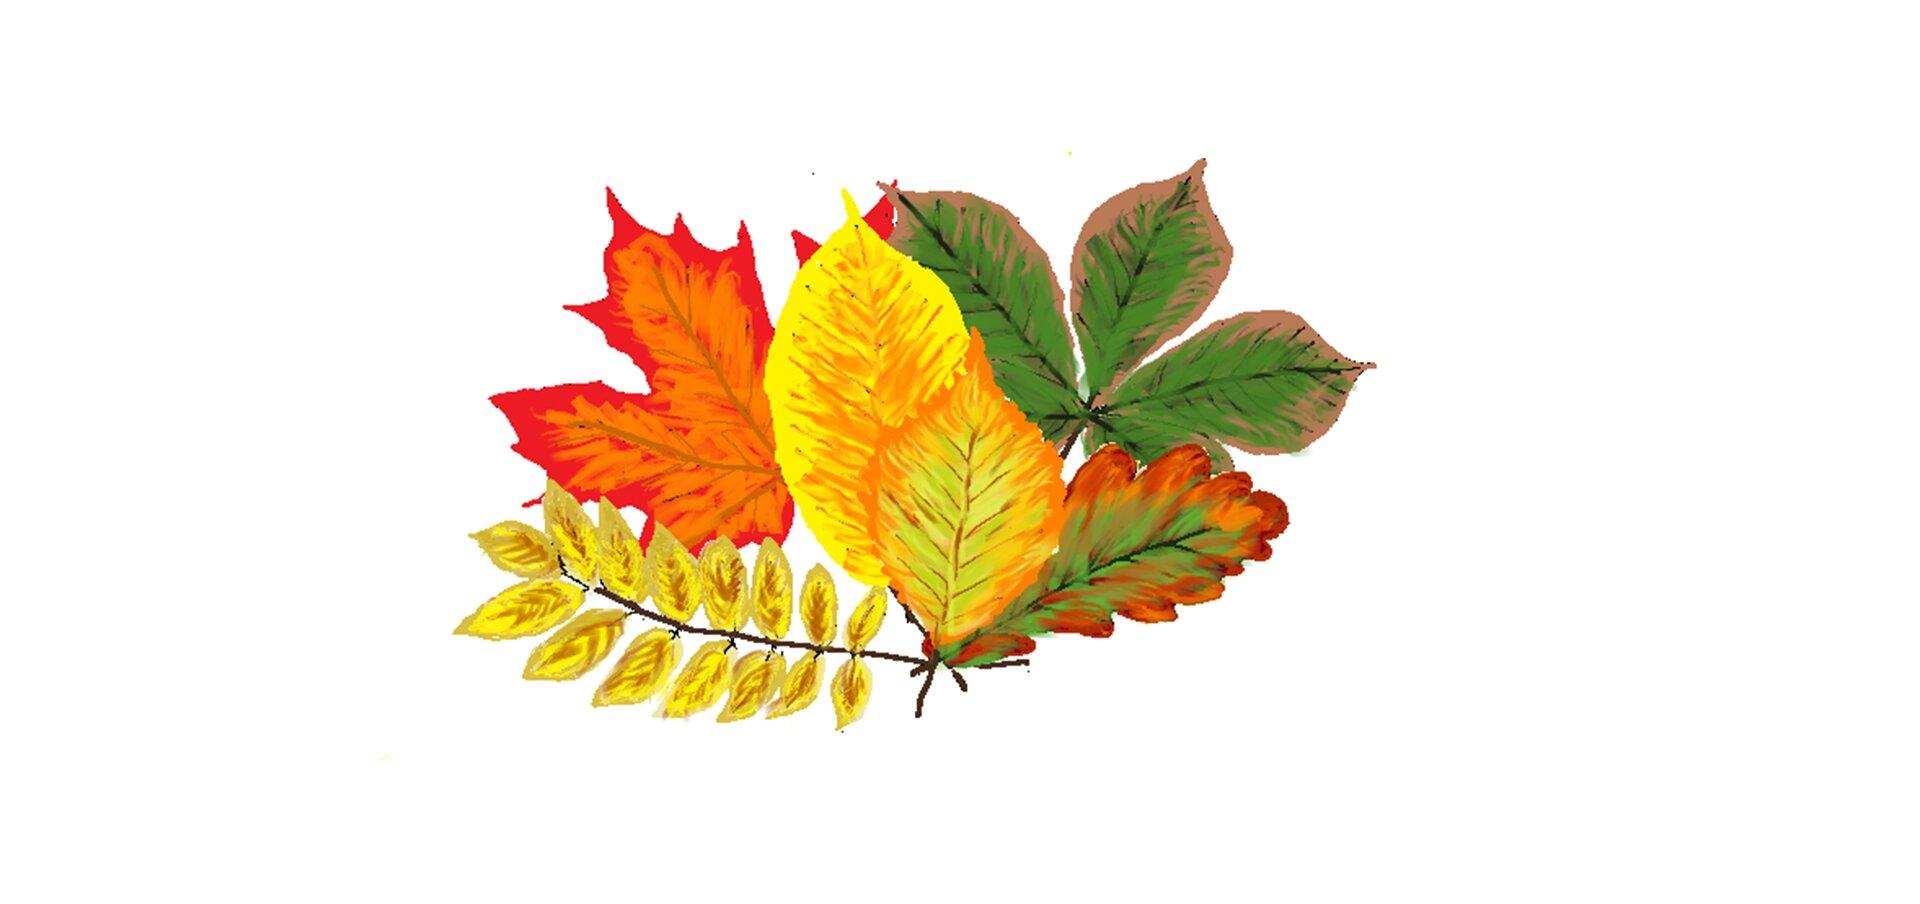 Ilustracja przedstawiająca bukiet jesiennych liści